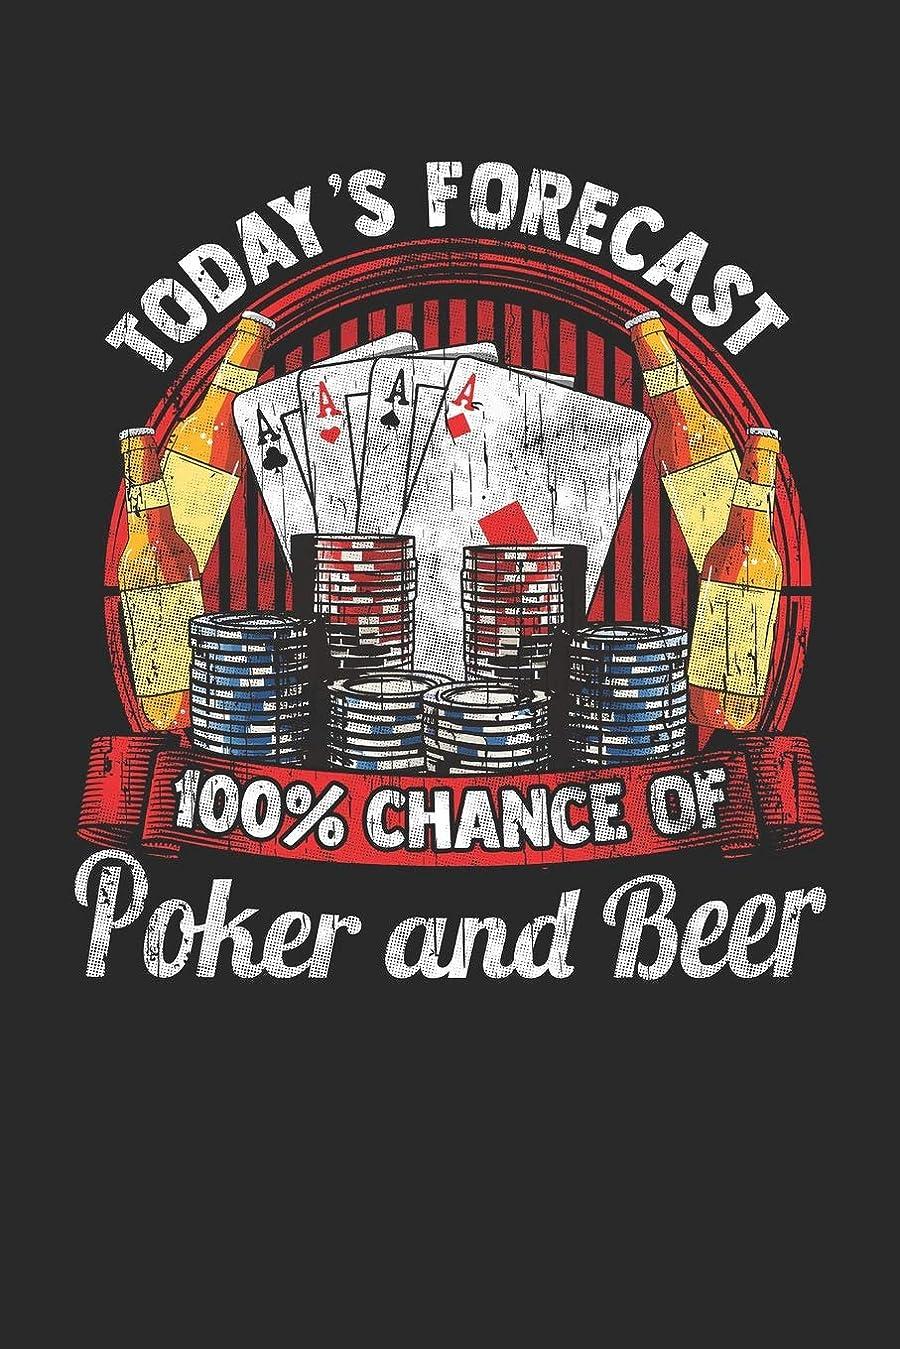 警告範囲タンクToday's Forecast 100% Chance of Poker and Beer: Journal, College Ruled Lined Paper, 120 pages, 6 x 9